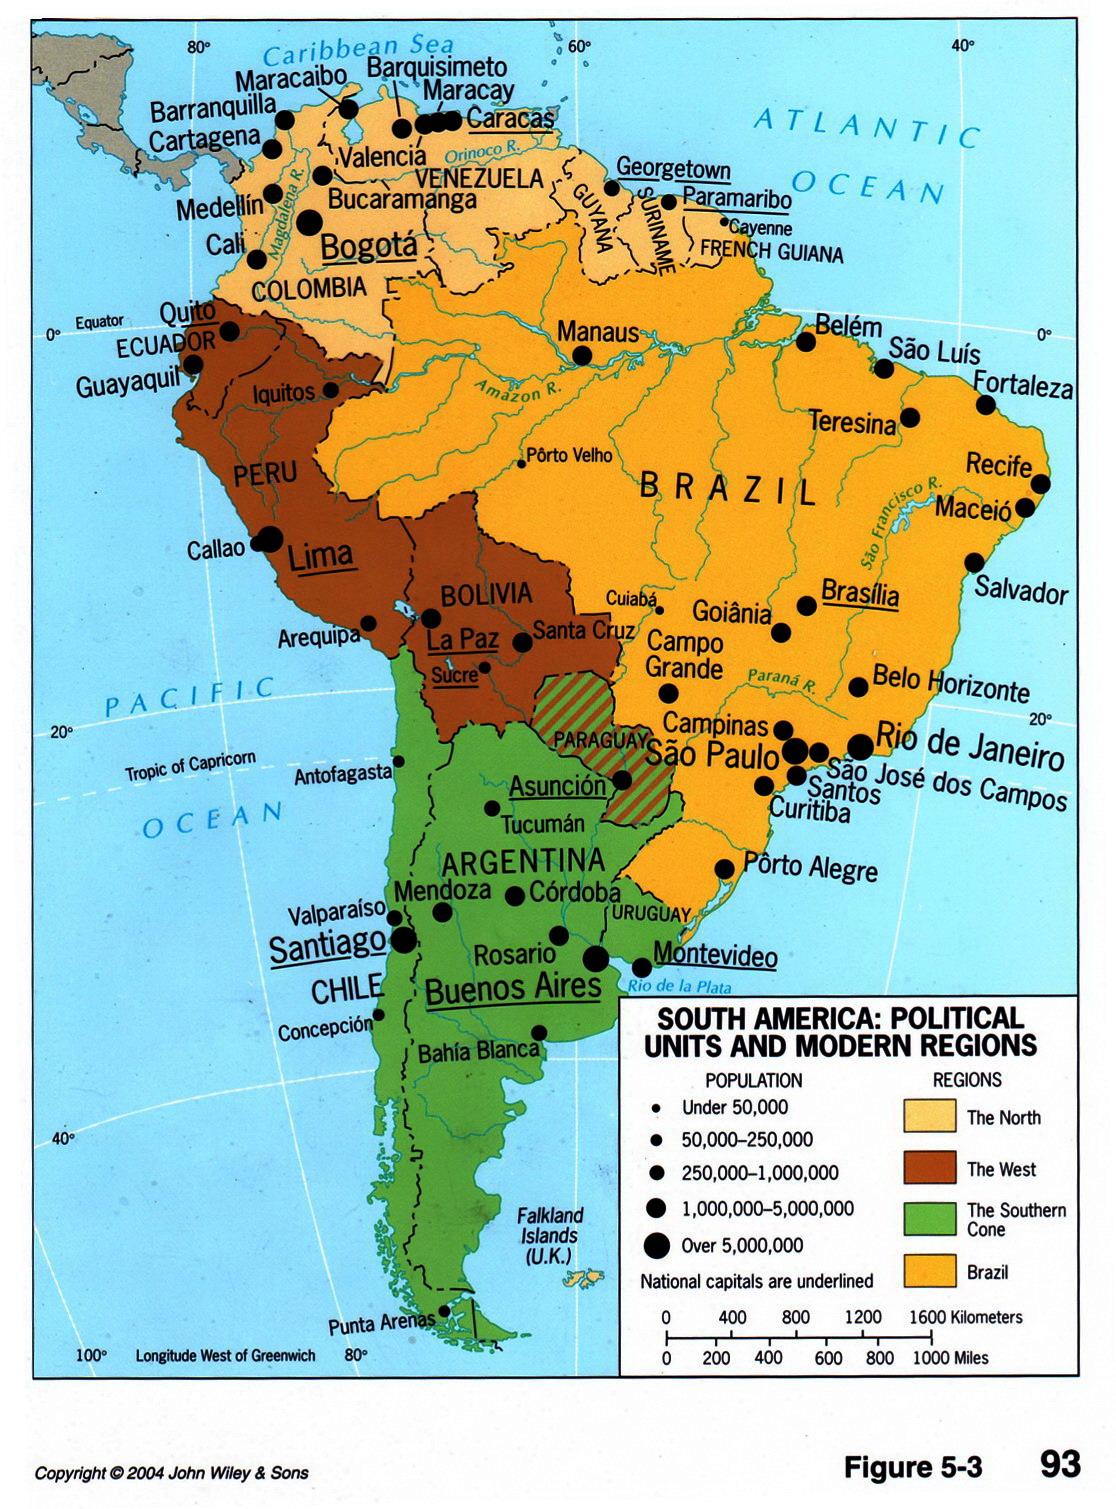 Divisiones políticas y regiones de América del Sur 2004